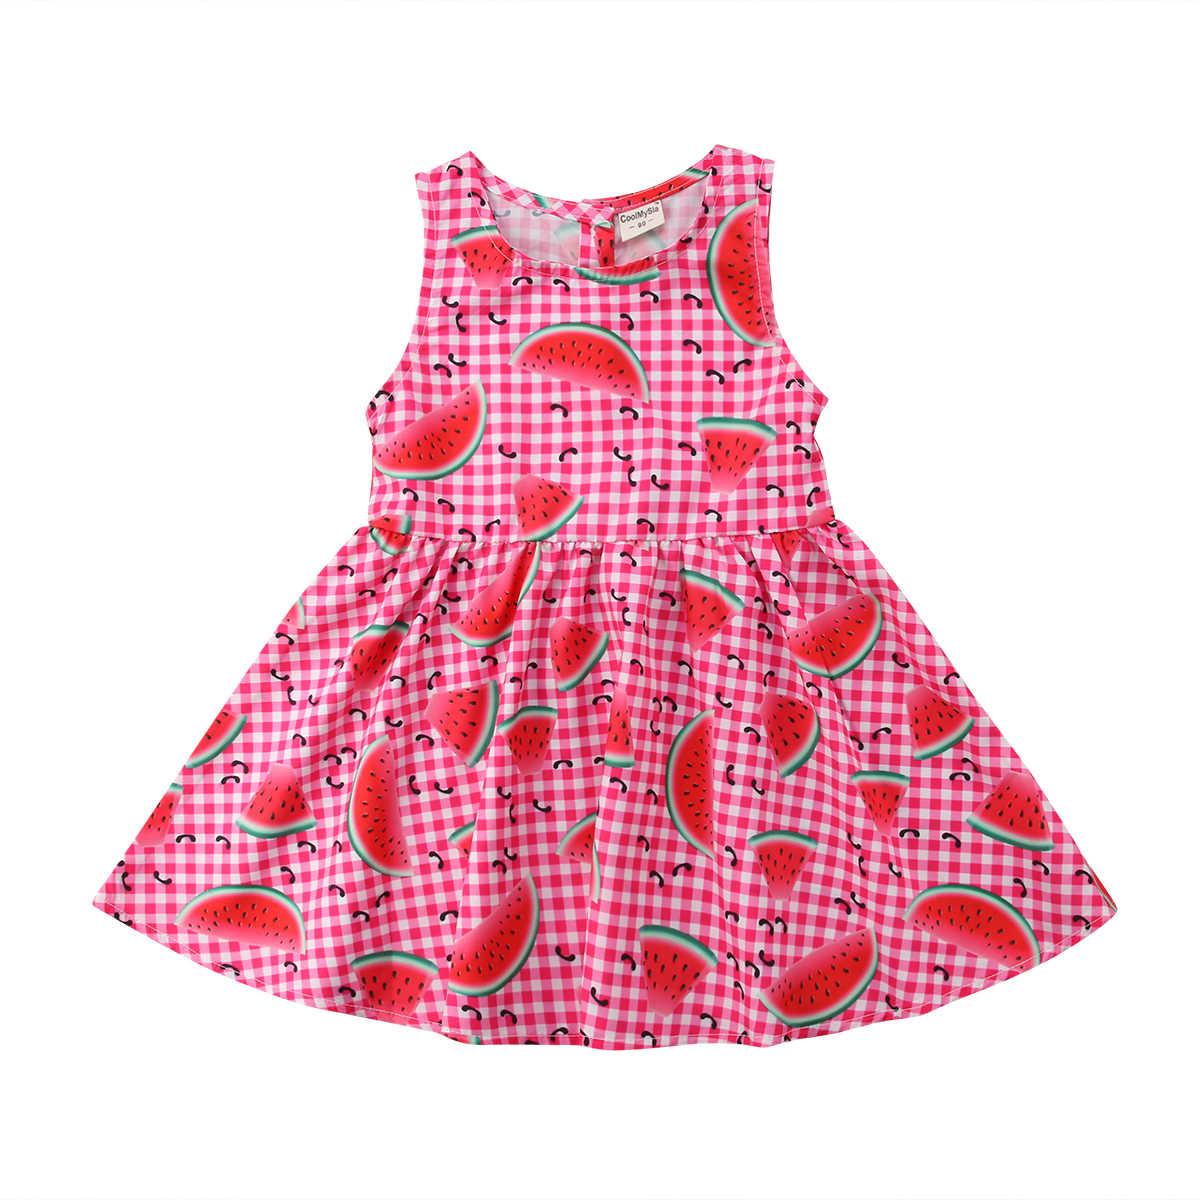 2018 ยี่ห้อใหม่เด็กวัยหัดเดินเด็กทารกเด็กชุดแตงโมพิมพ์เช็คอายุ 2-5 ปีฤดูร้อนน่ารัก Sundress